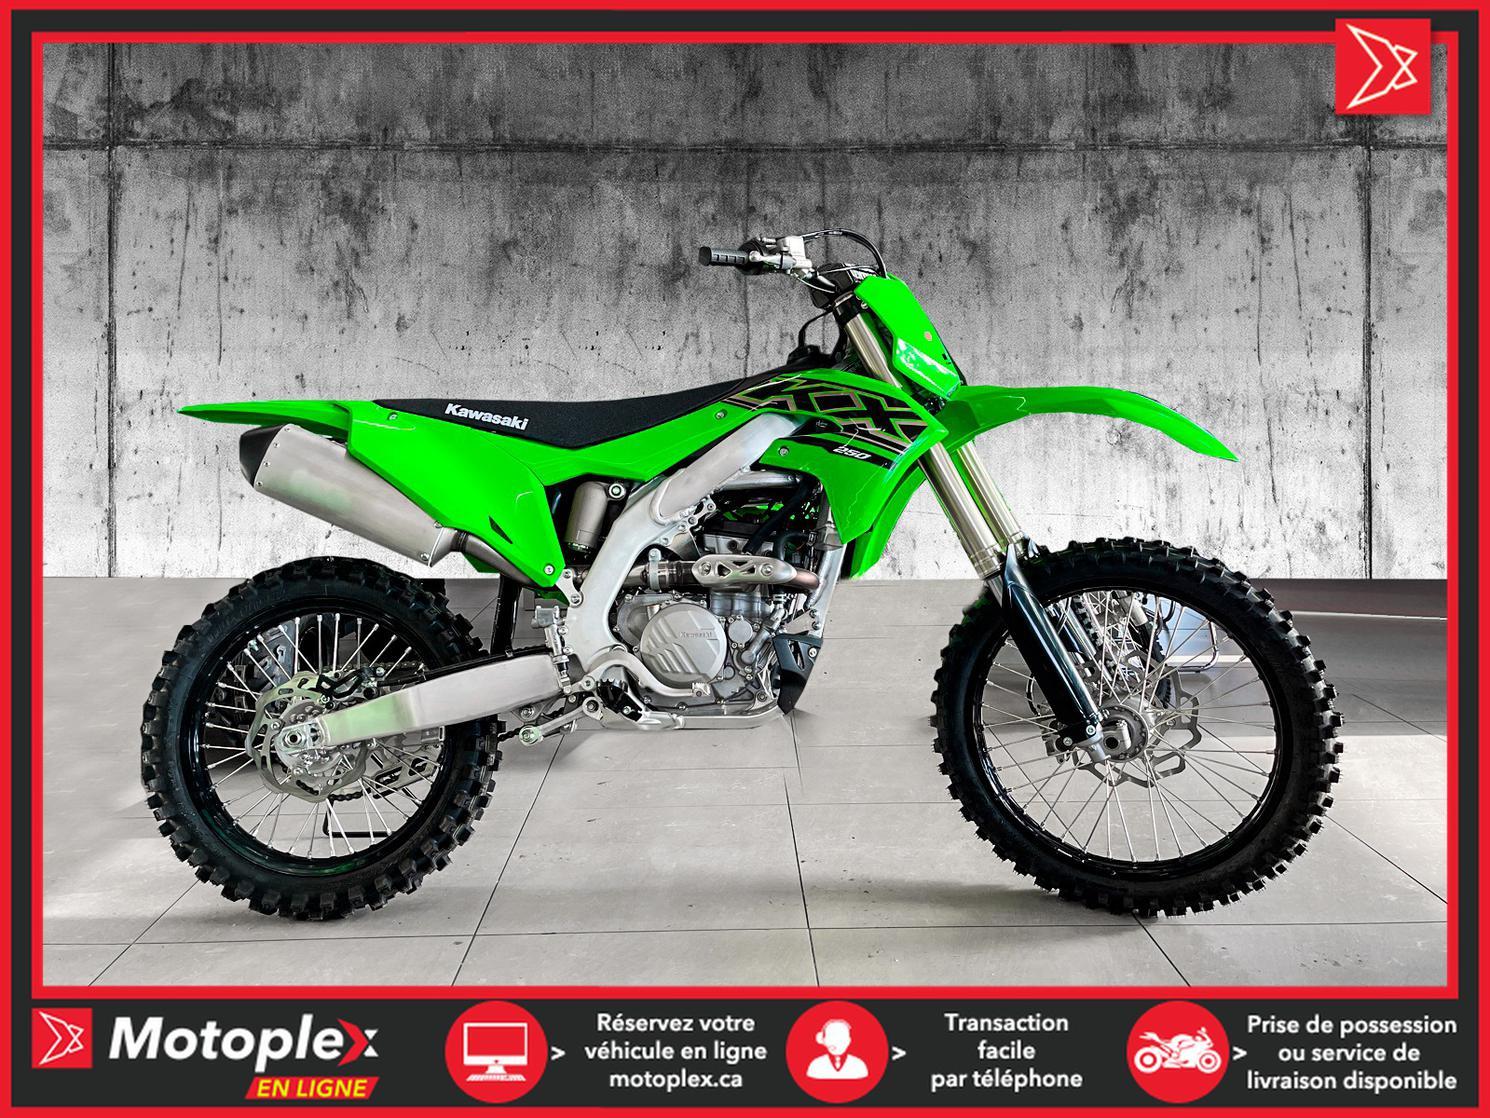 2021 Kawasaki KX250 KX 250 - 2021